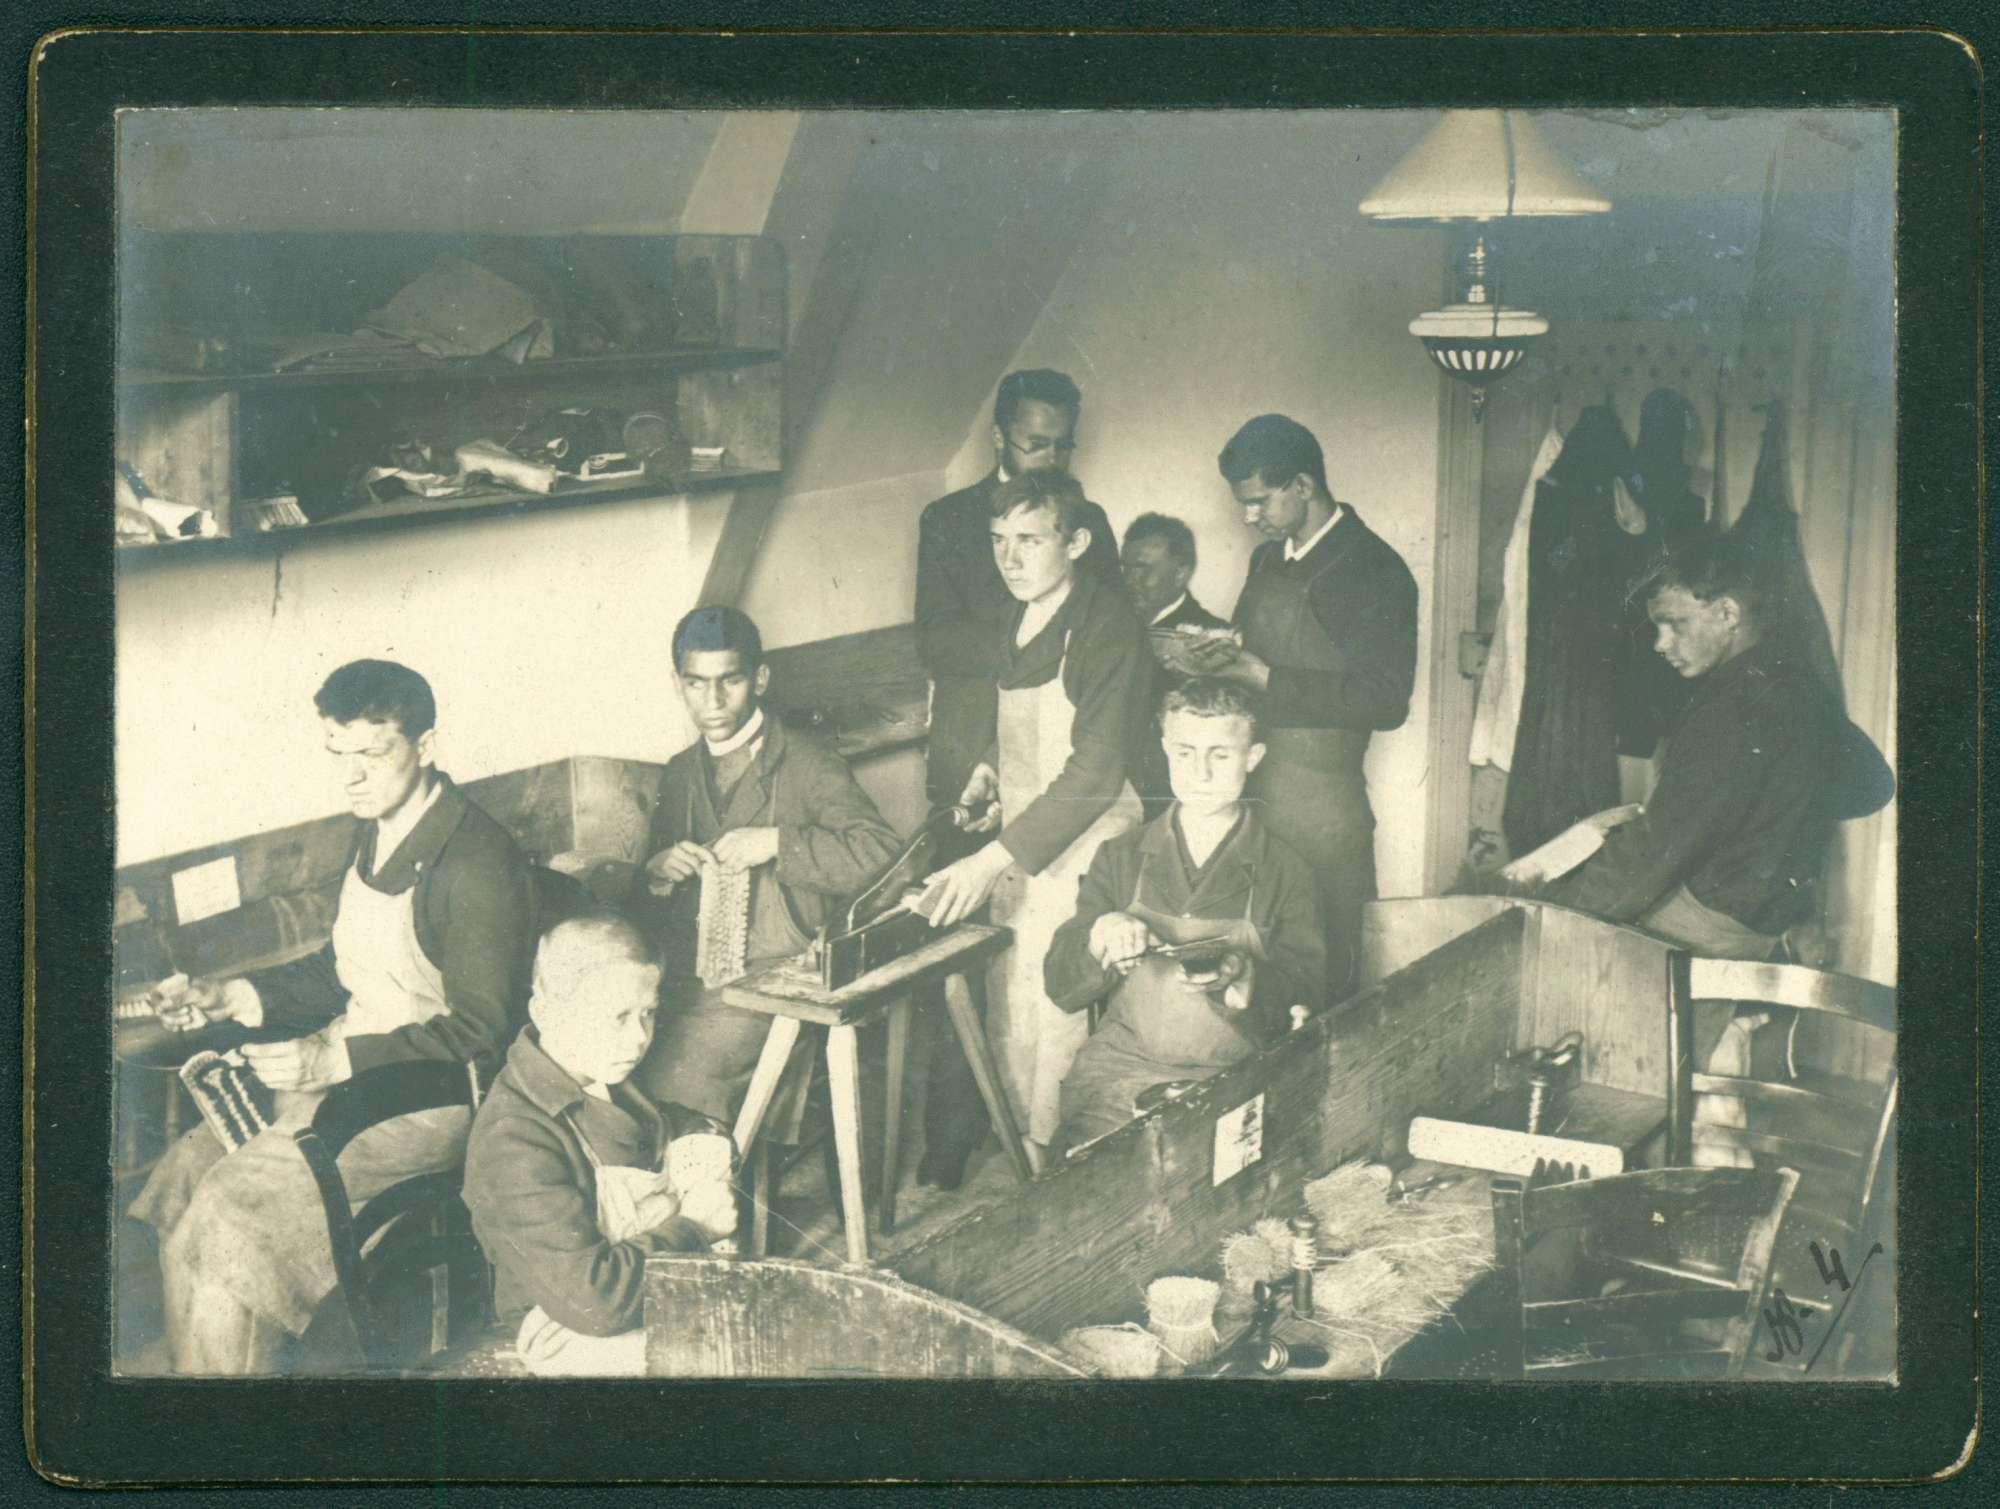 Arbeitsraum, Männer, bürstenbindend., Bild 1